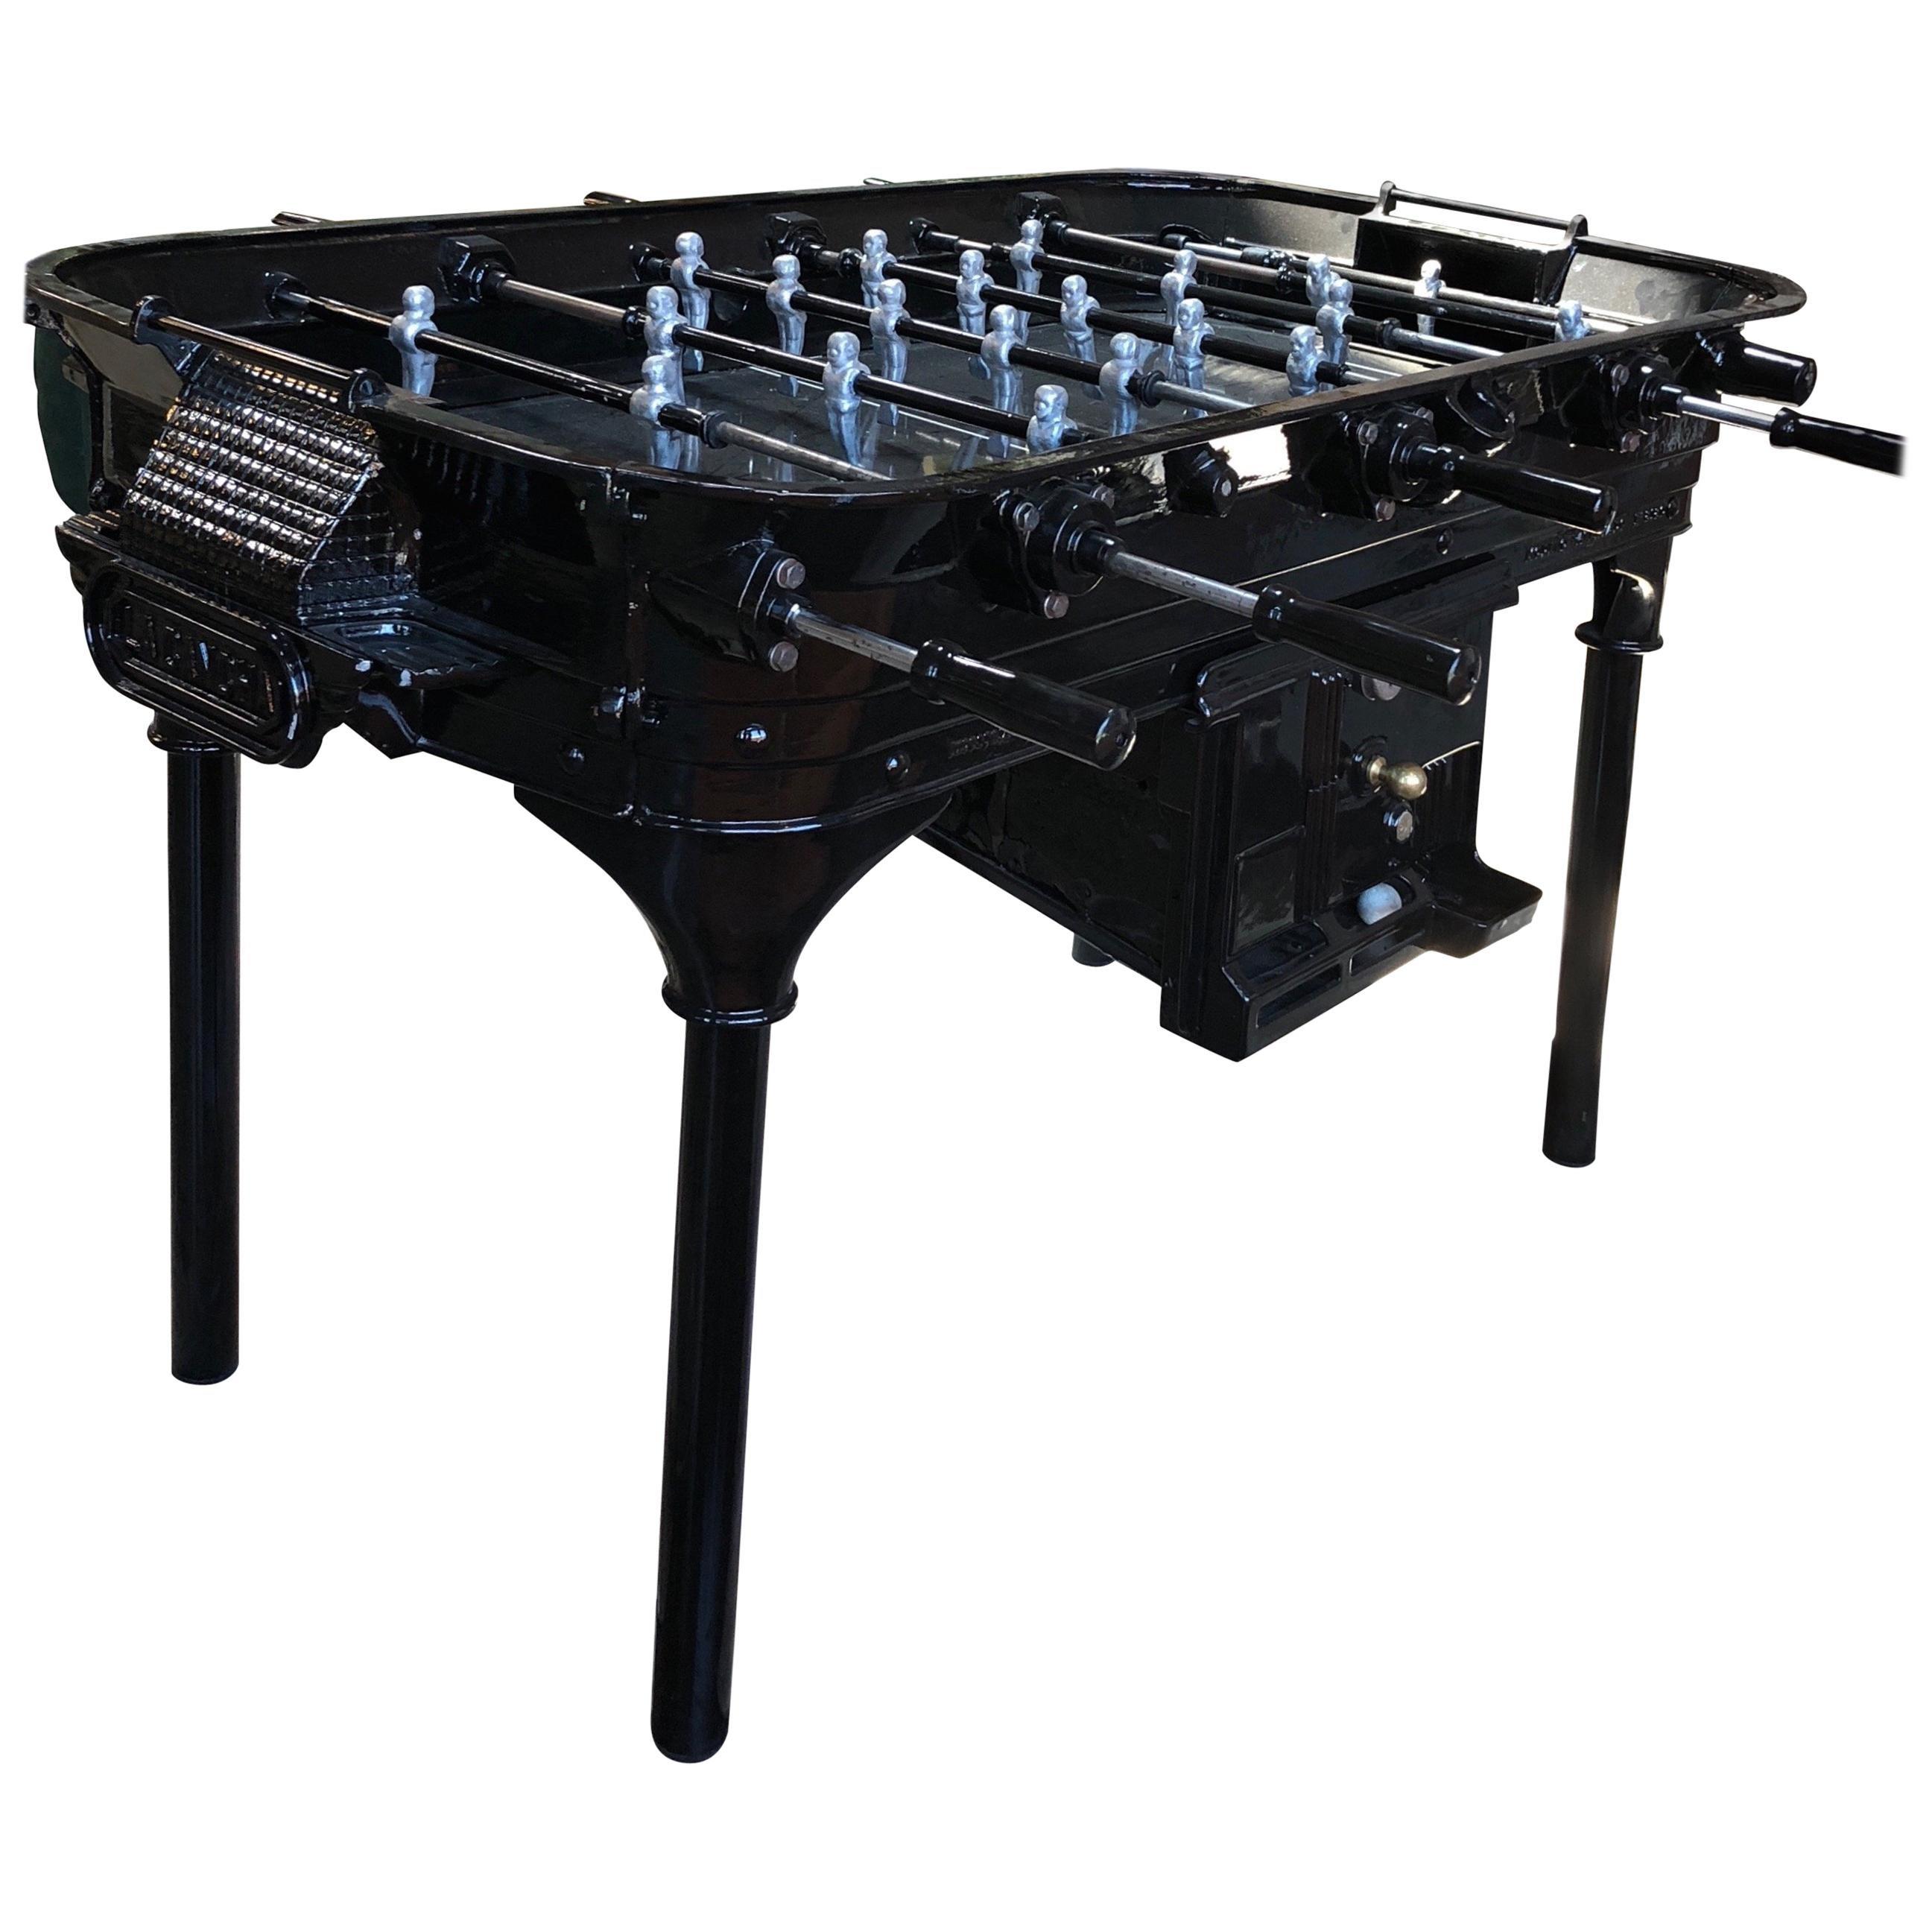 Vintage 1930 Black Foosball Table Signed La Cancha, Argentina For Sale